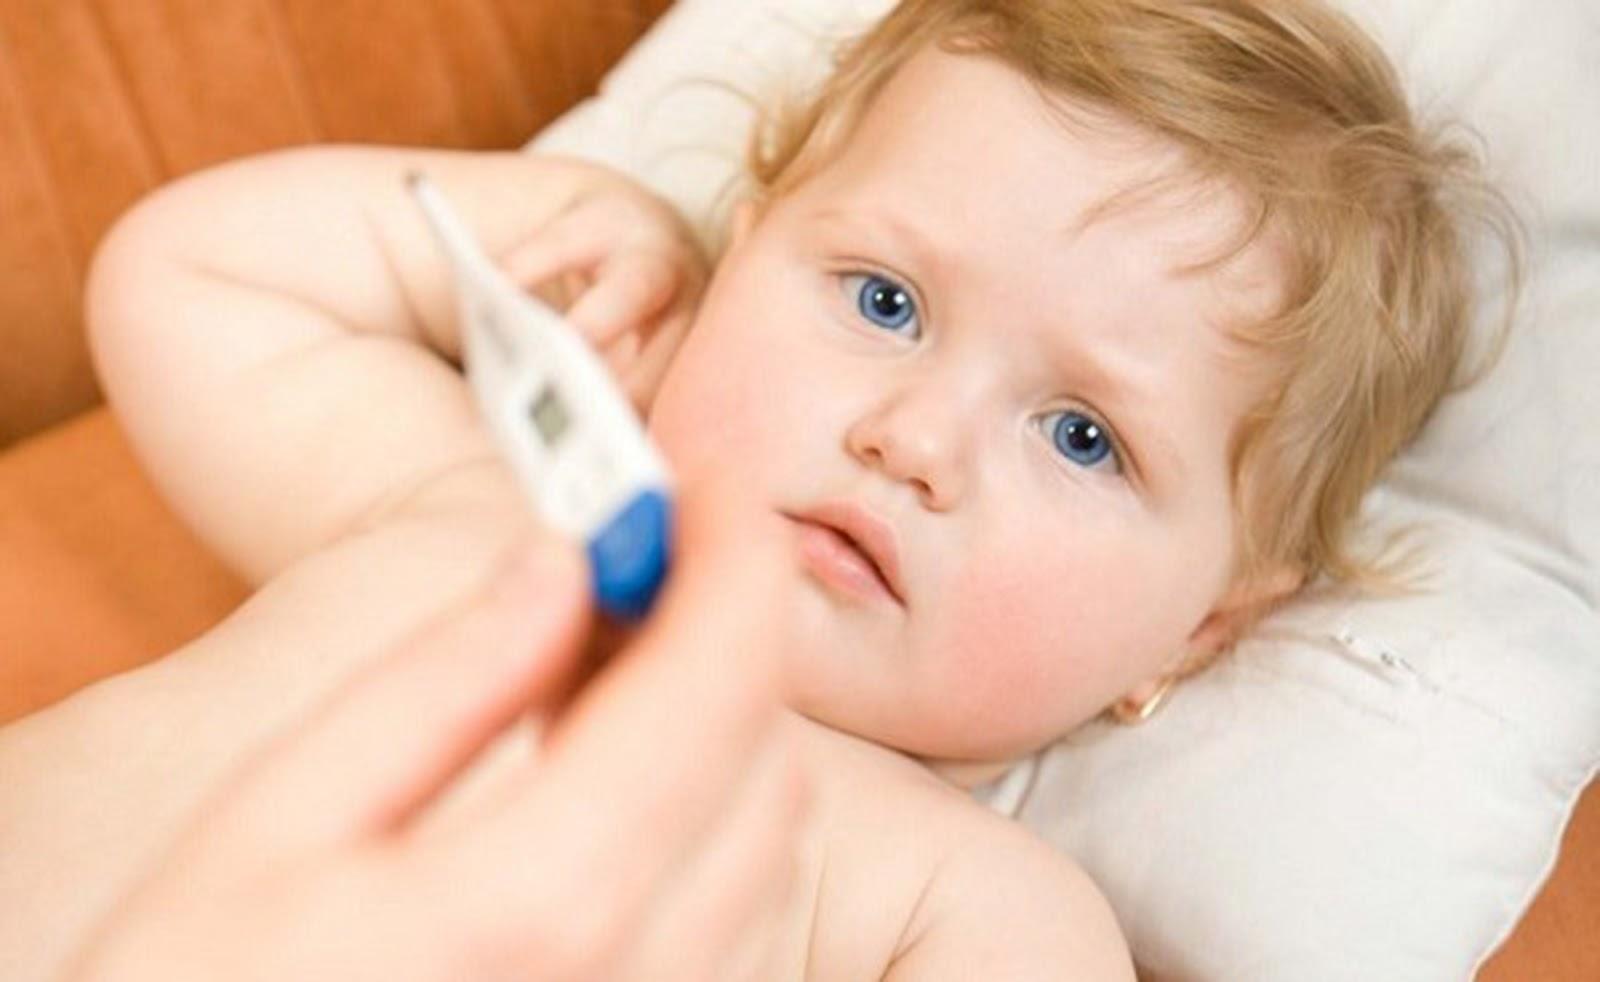 Với những trường hợp trẻ bị sốt cao trên 38,5 độ hãy đưa bé đi khám bác sĩ lập tức